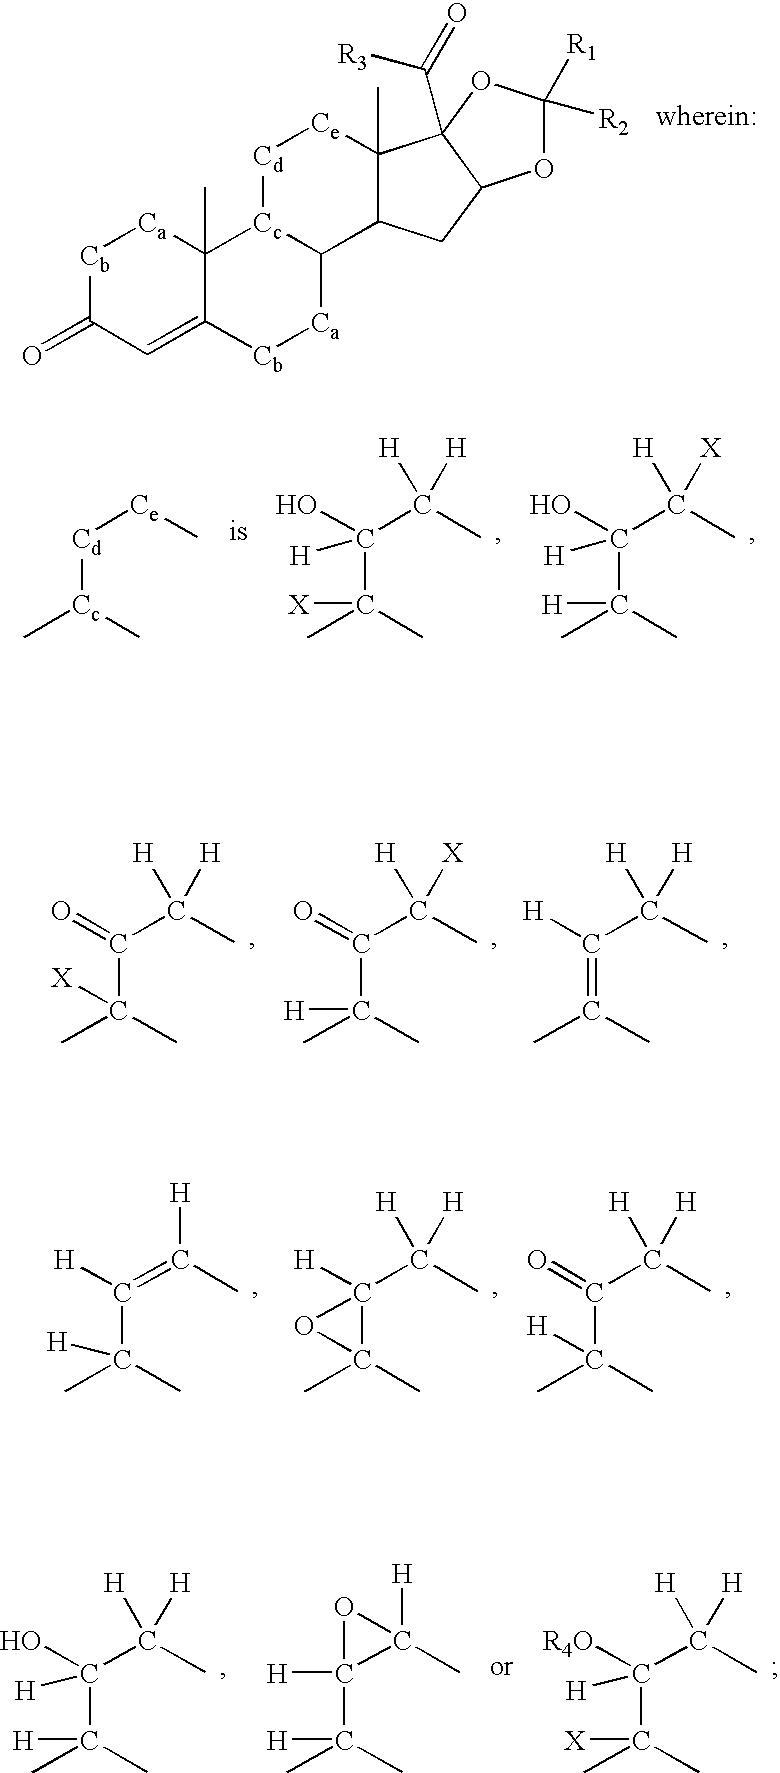 Figure US20050192264A1-20050901-C00009